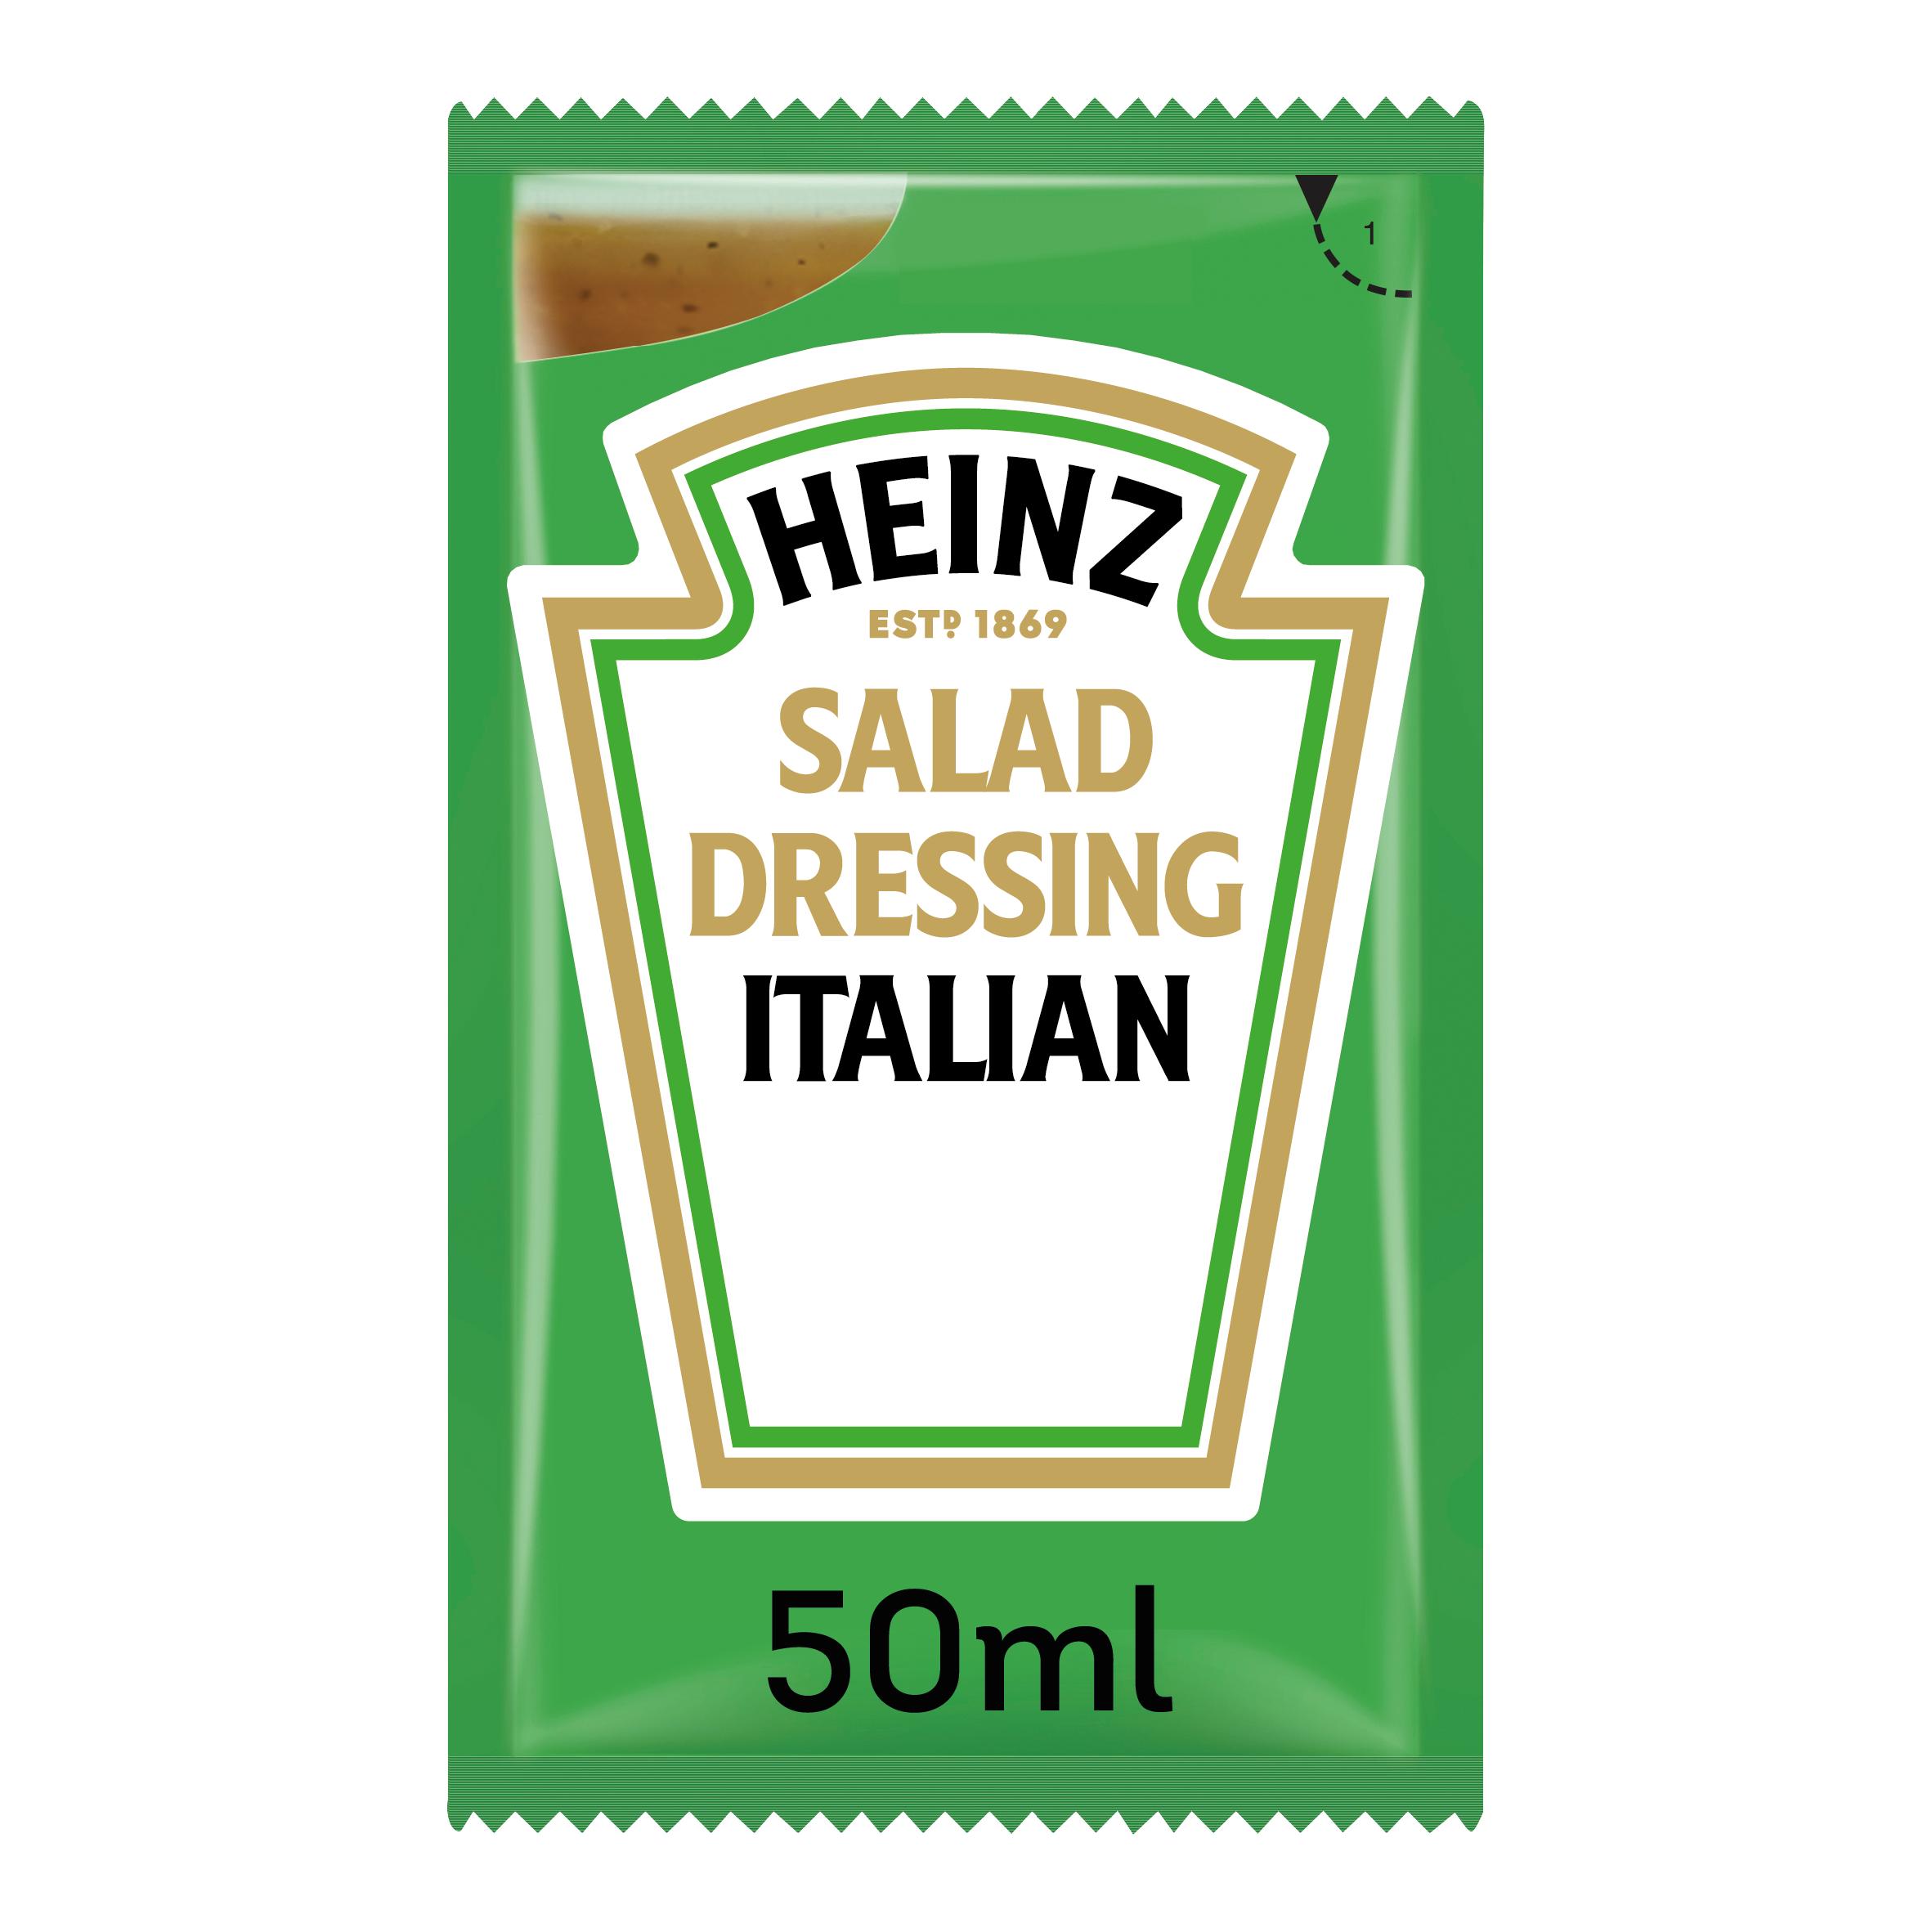 Heinz Italian Vinaigrette 50ml Sachet image